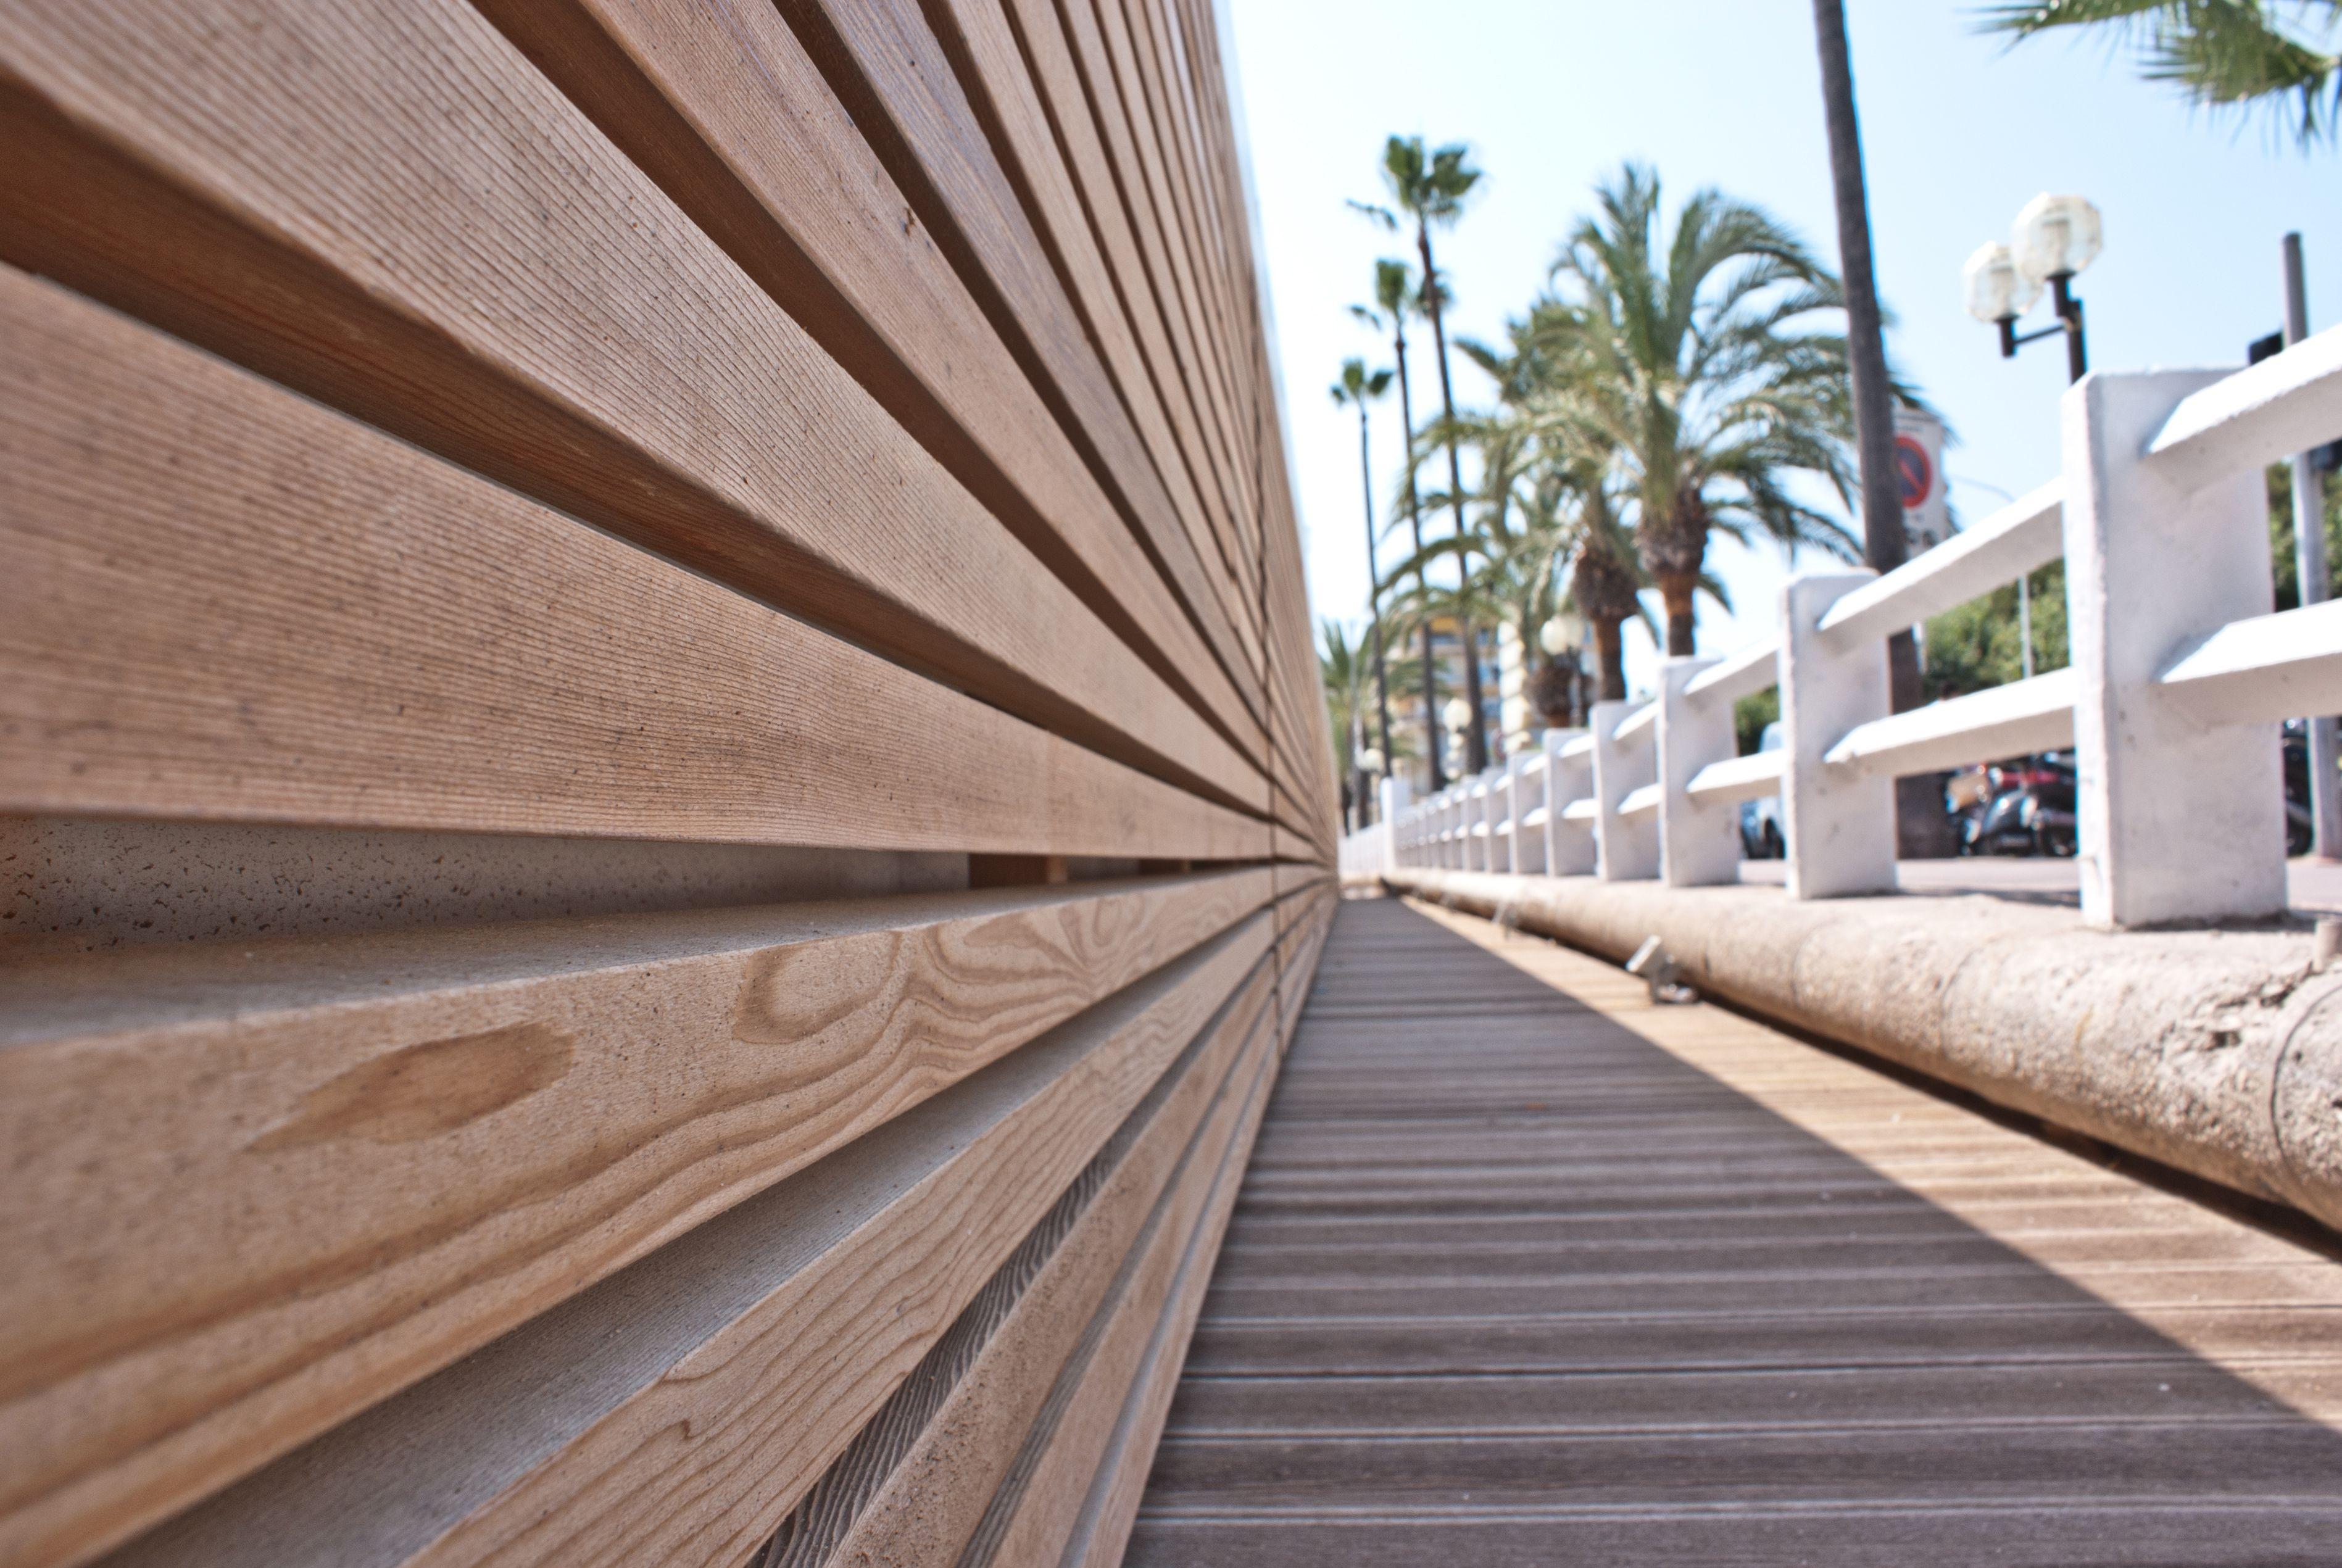 Stabilimenti balneari a cannes francia rivestimento con for Cabine laterali in legno di cedro